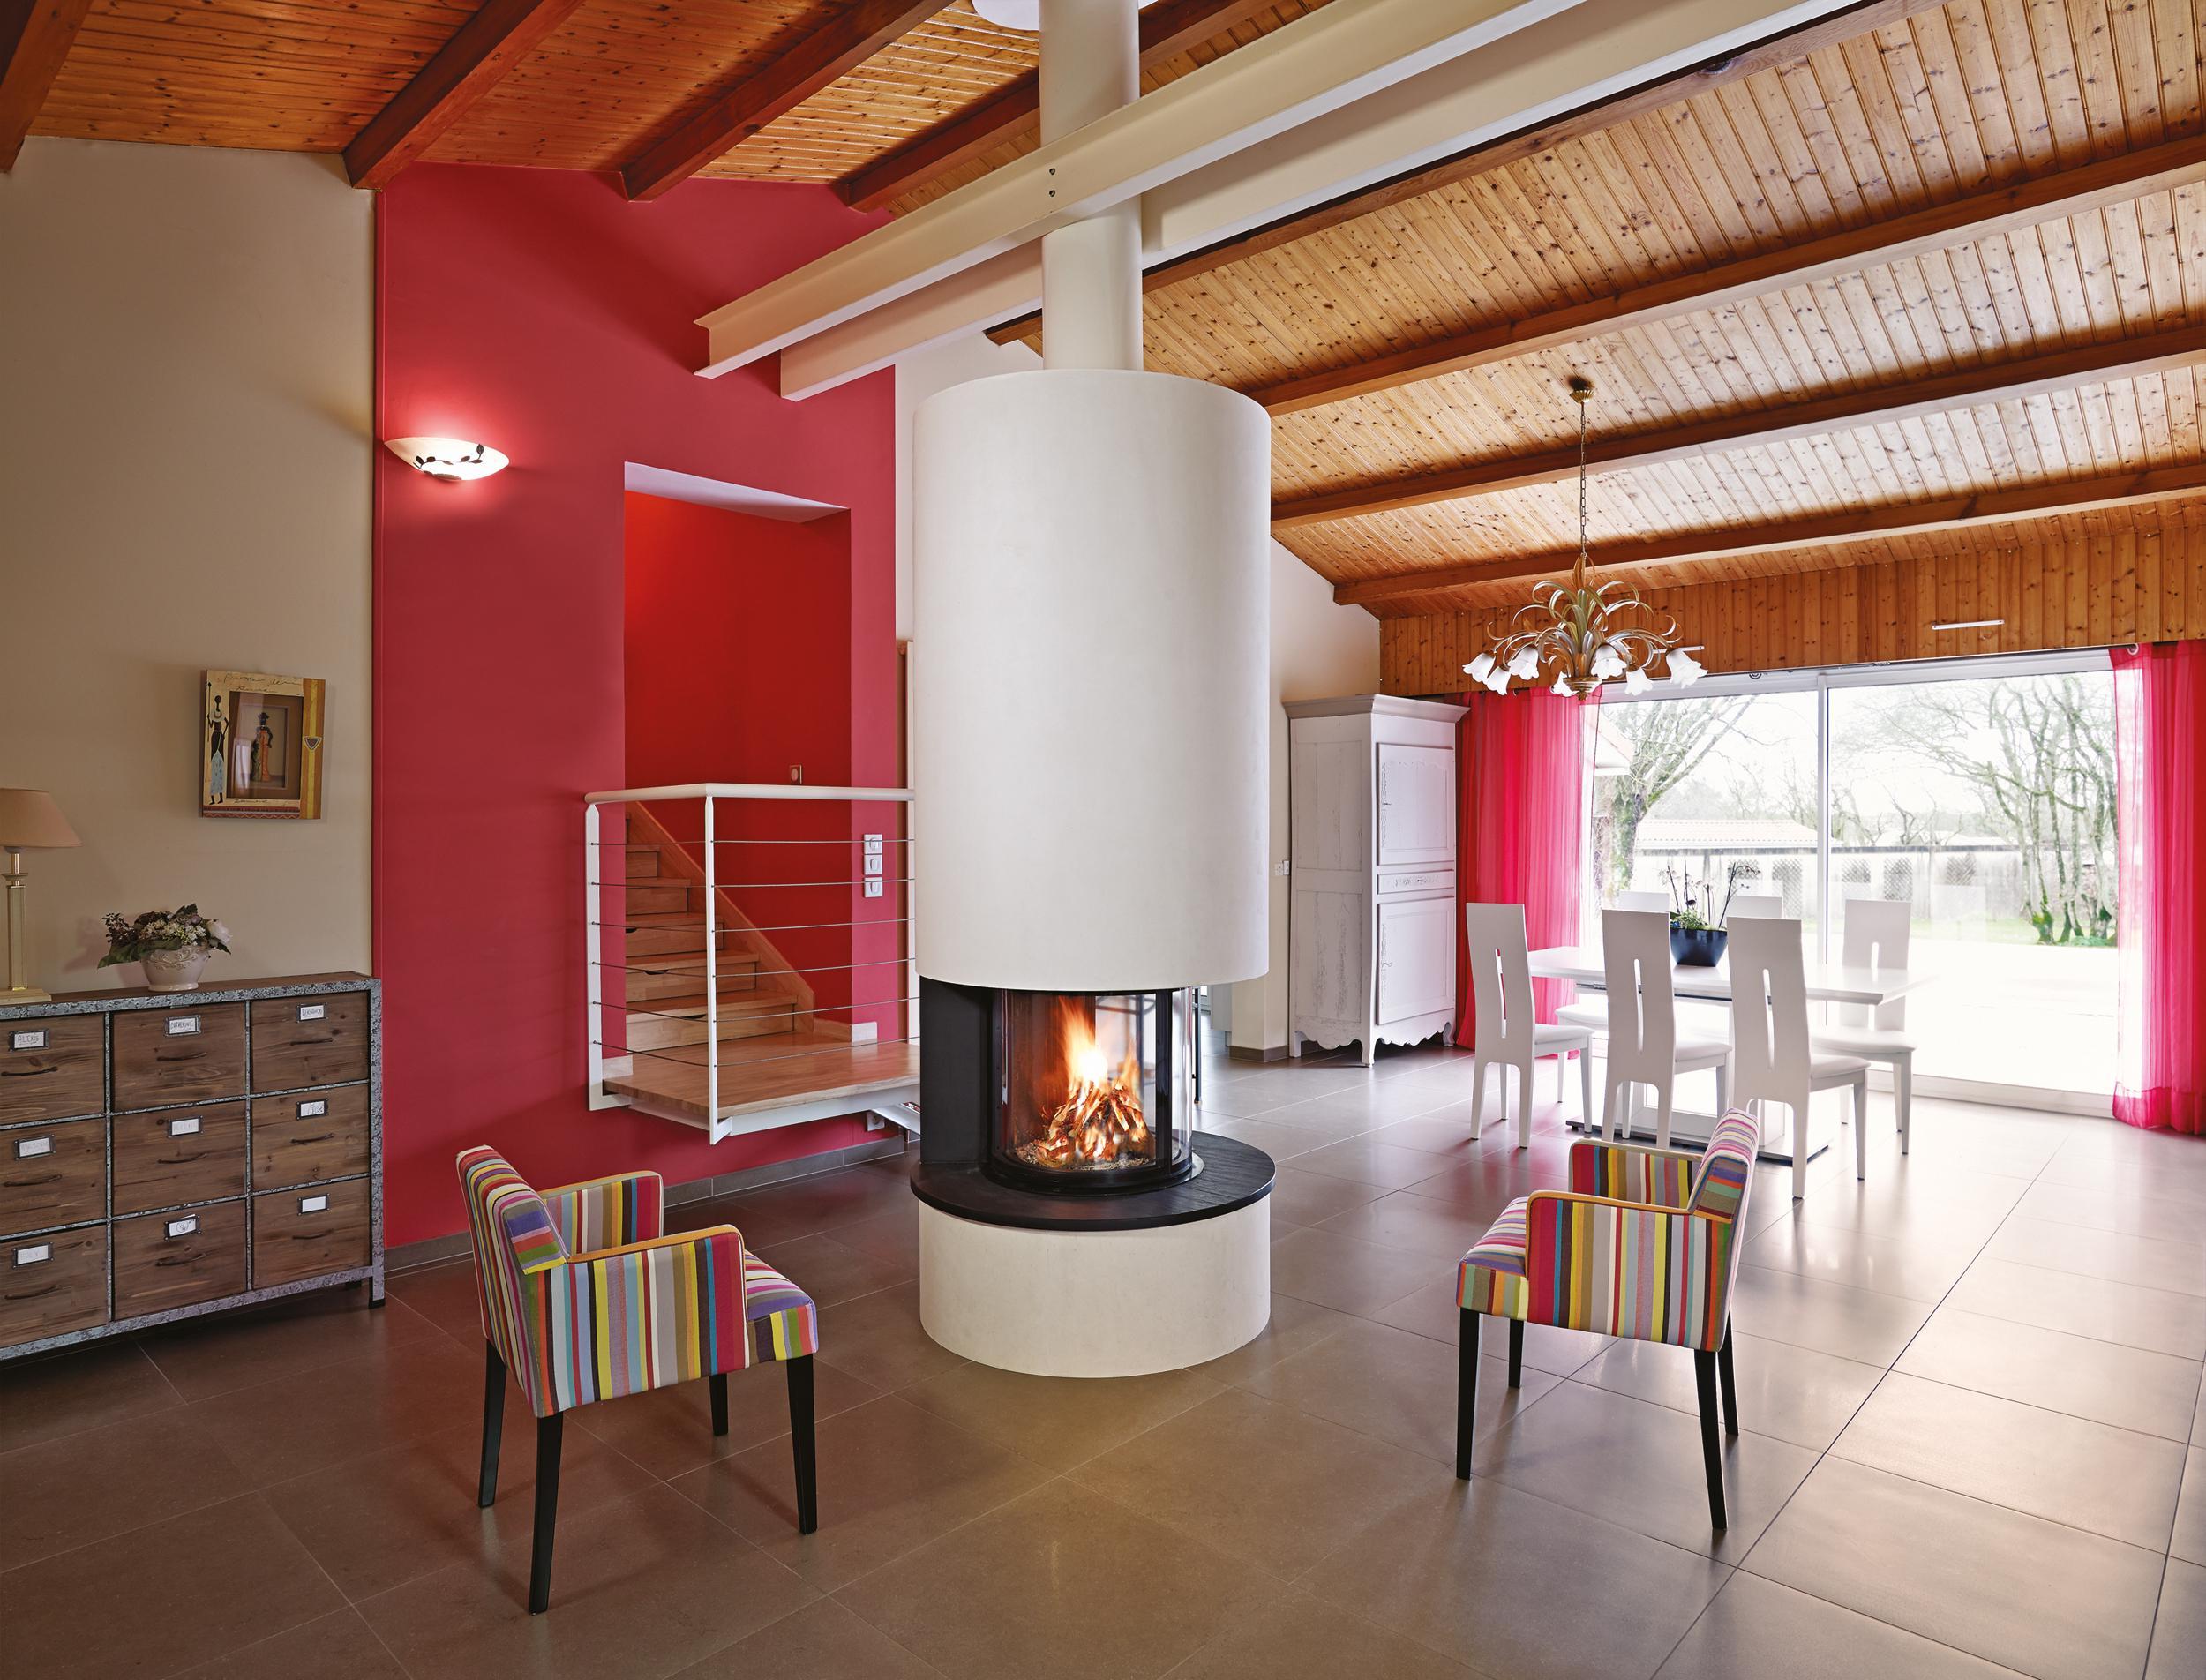 Kaminofen Fr Ein Gemtliches Wohnzimmer Fensterfront Kamin Holzdecke Rotewandfarbe